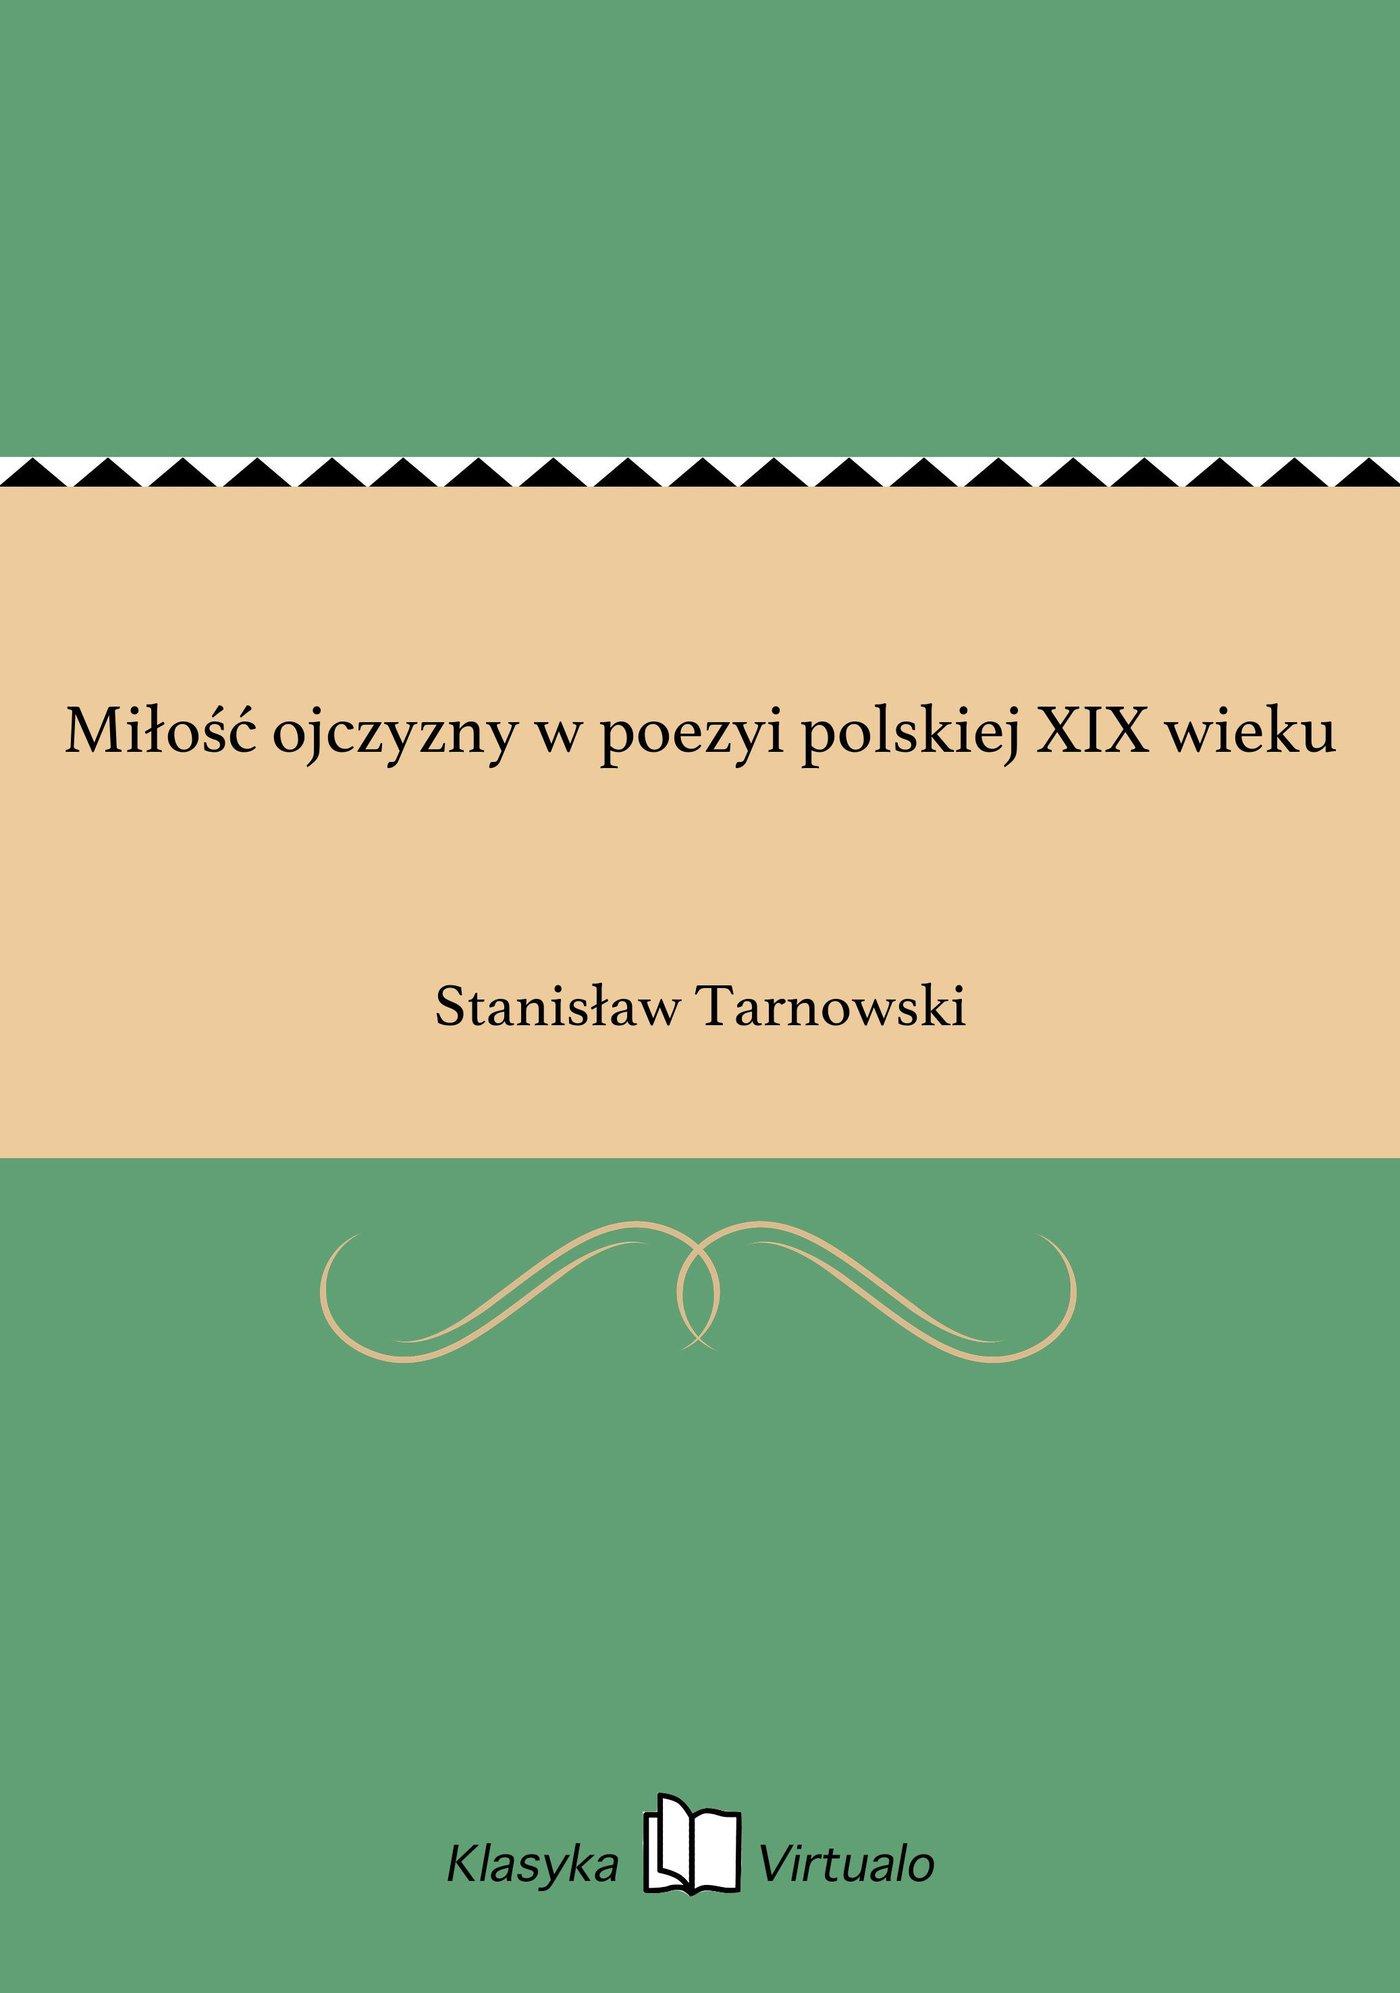 Miłość ojczyzny w poezyi polskiej XIX wieku - Ebook (Książka na Kindle) do pobrania w formacie MOBI